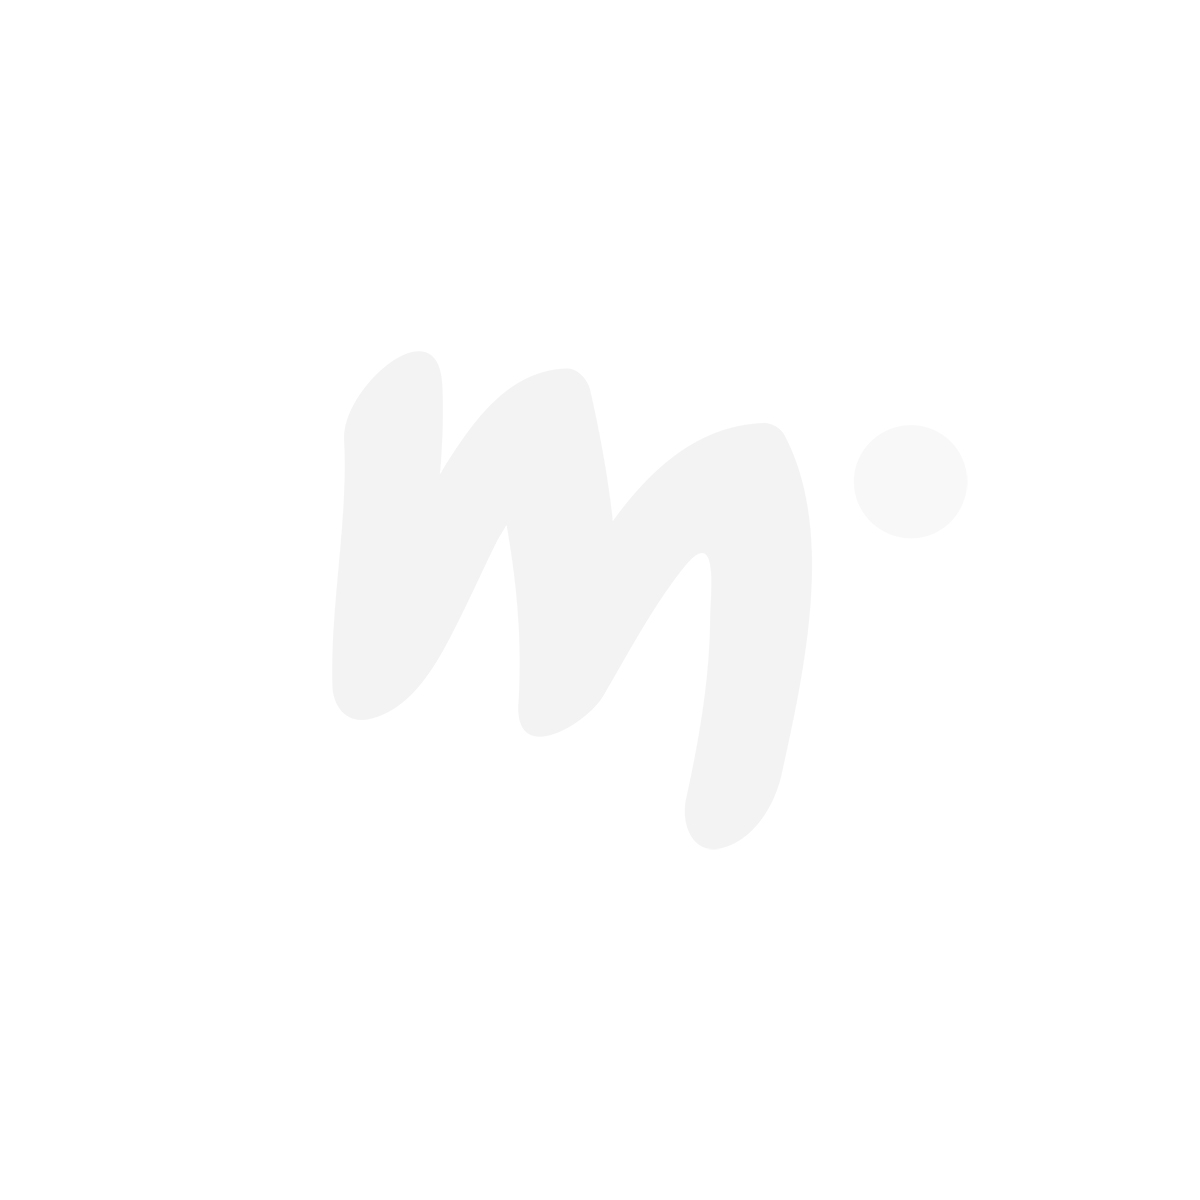 Muumi Piilottelu-body